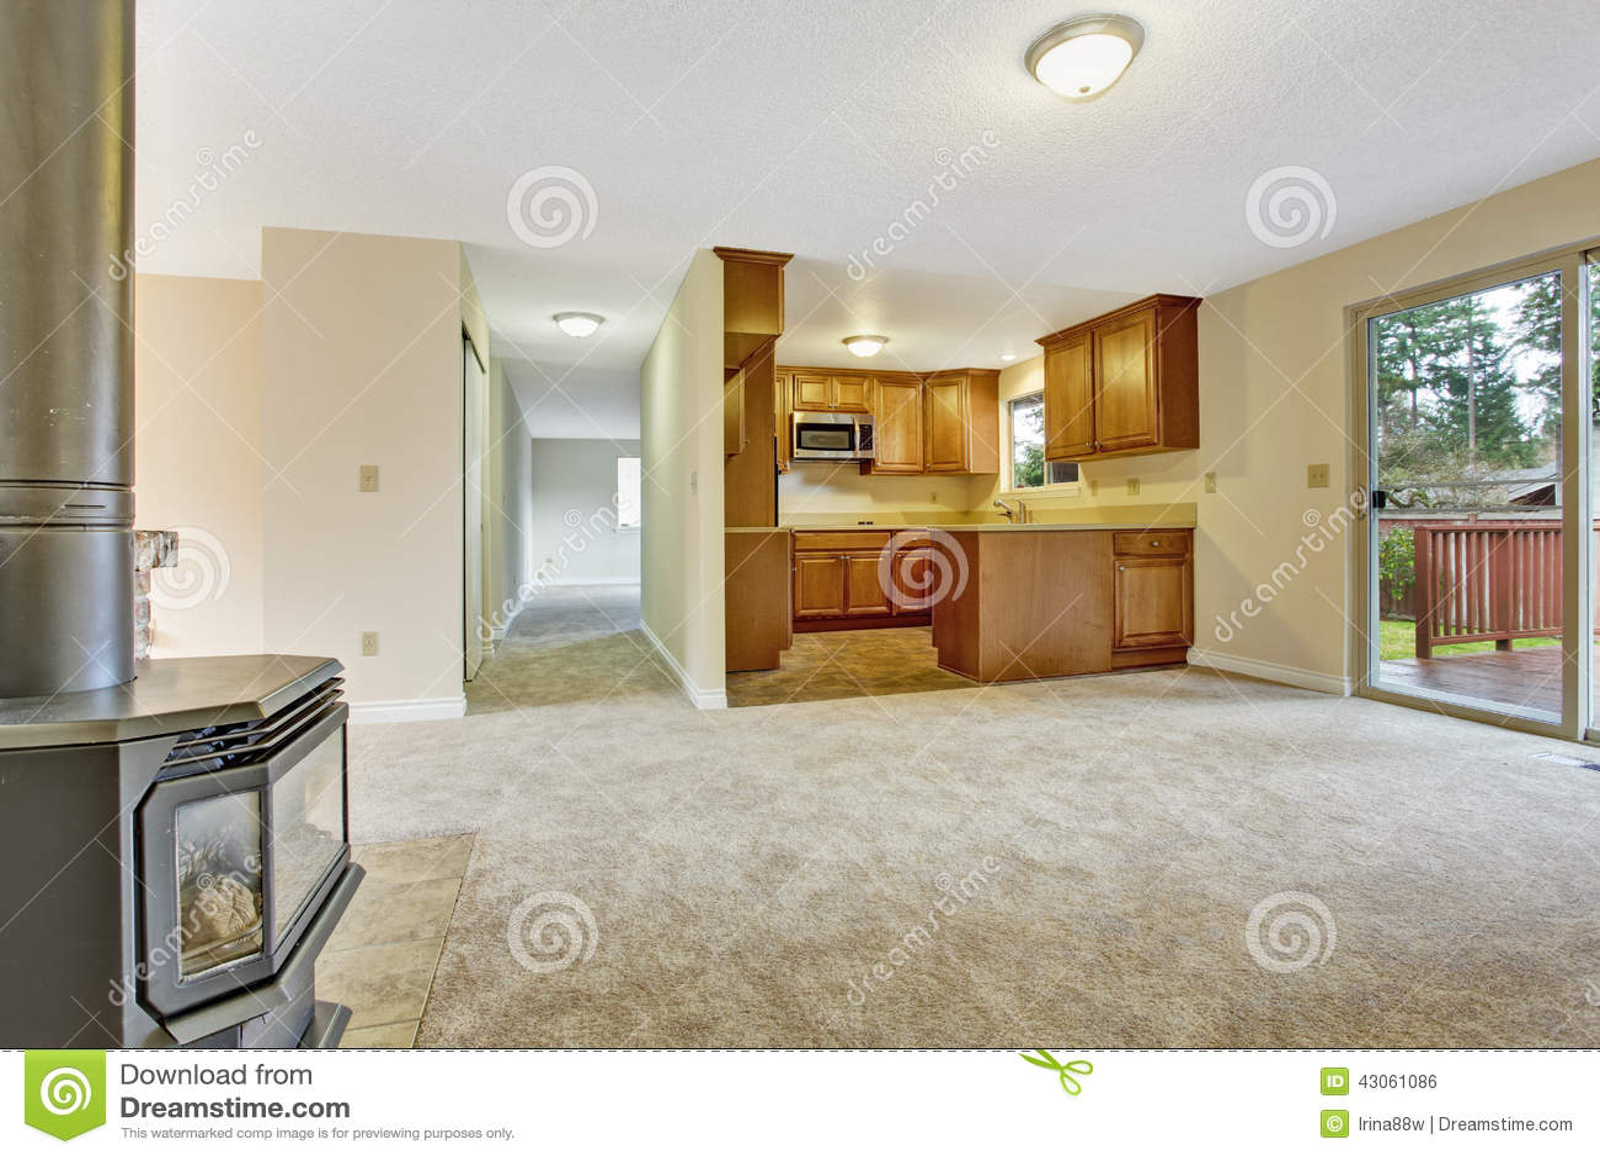 Int rieur vide de maison salon avec le secteur de cuisine for Le vide interieur